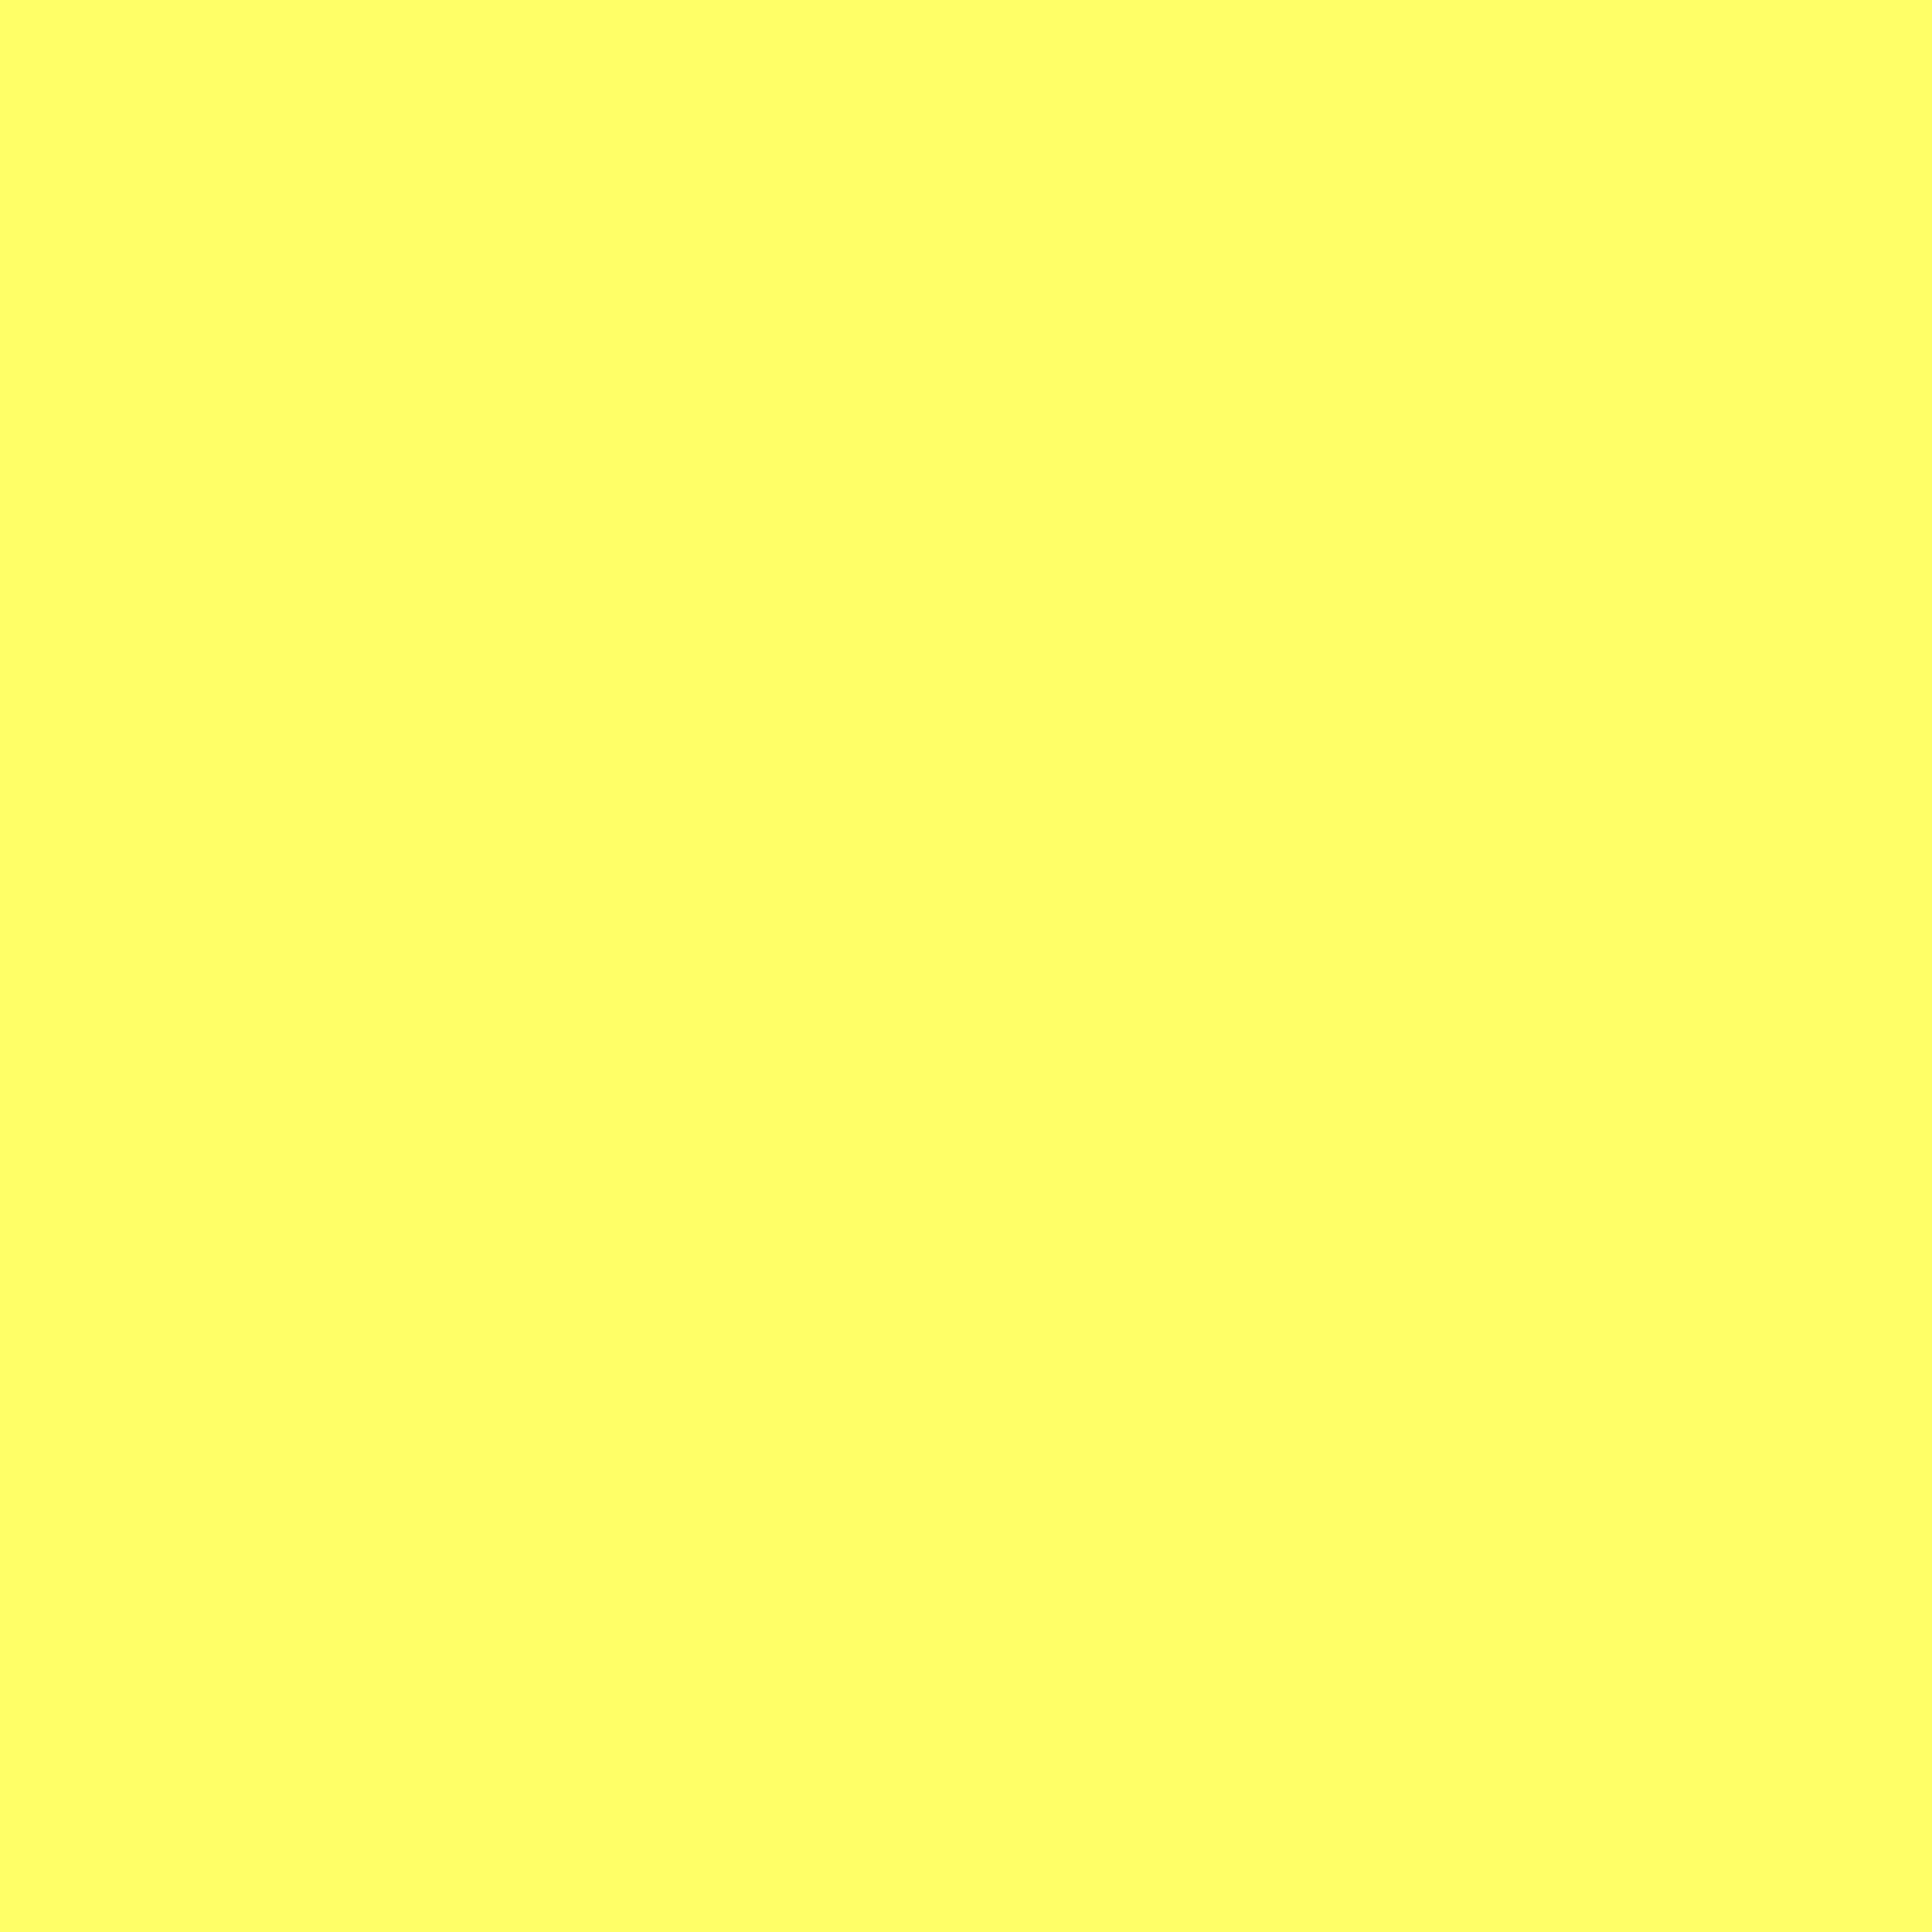 2732x2732 Laser Lemon Solid Color Background